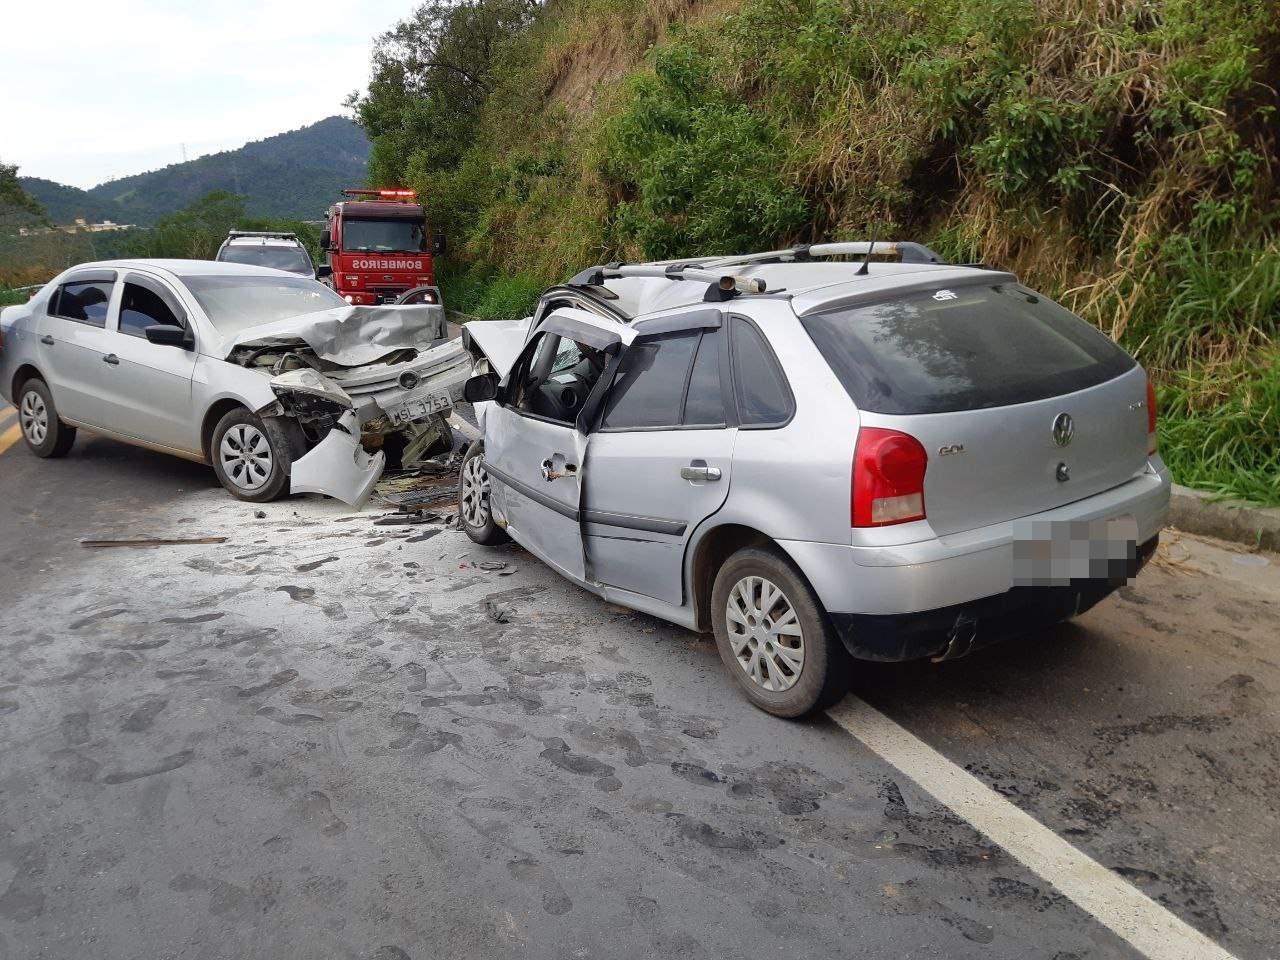 Mais de 180 mortes em acidentes de trânsito foram registradas no ES este ano